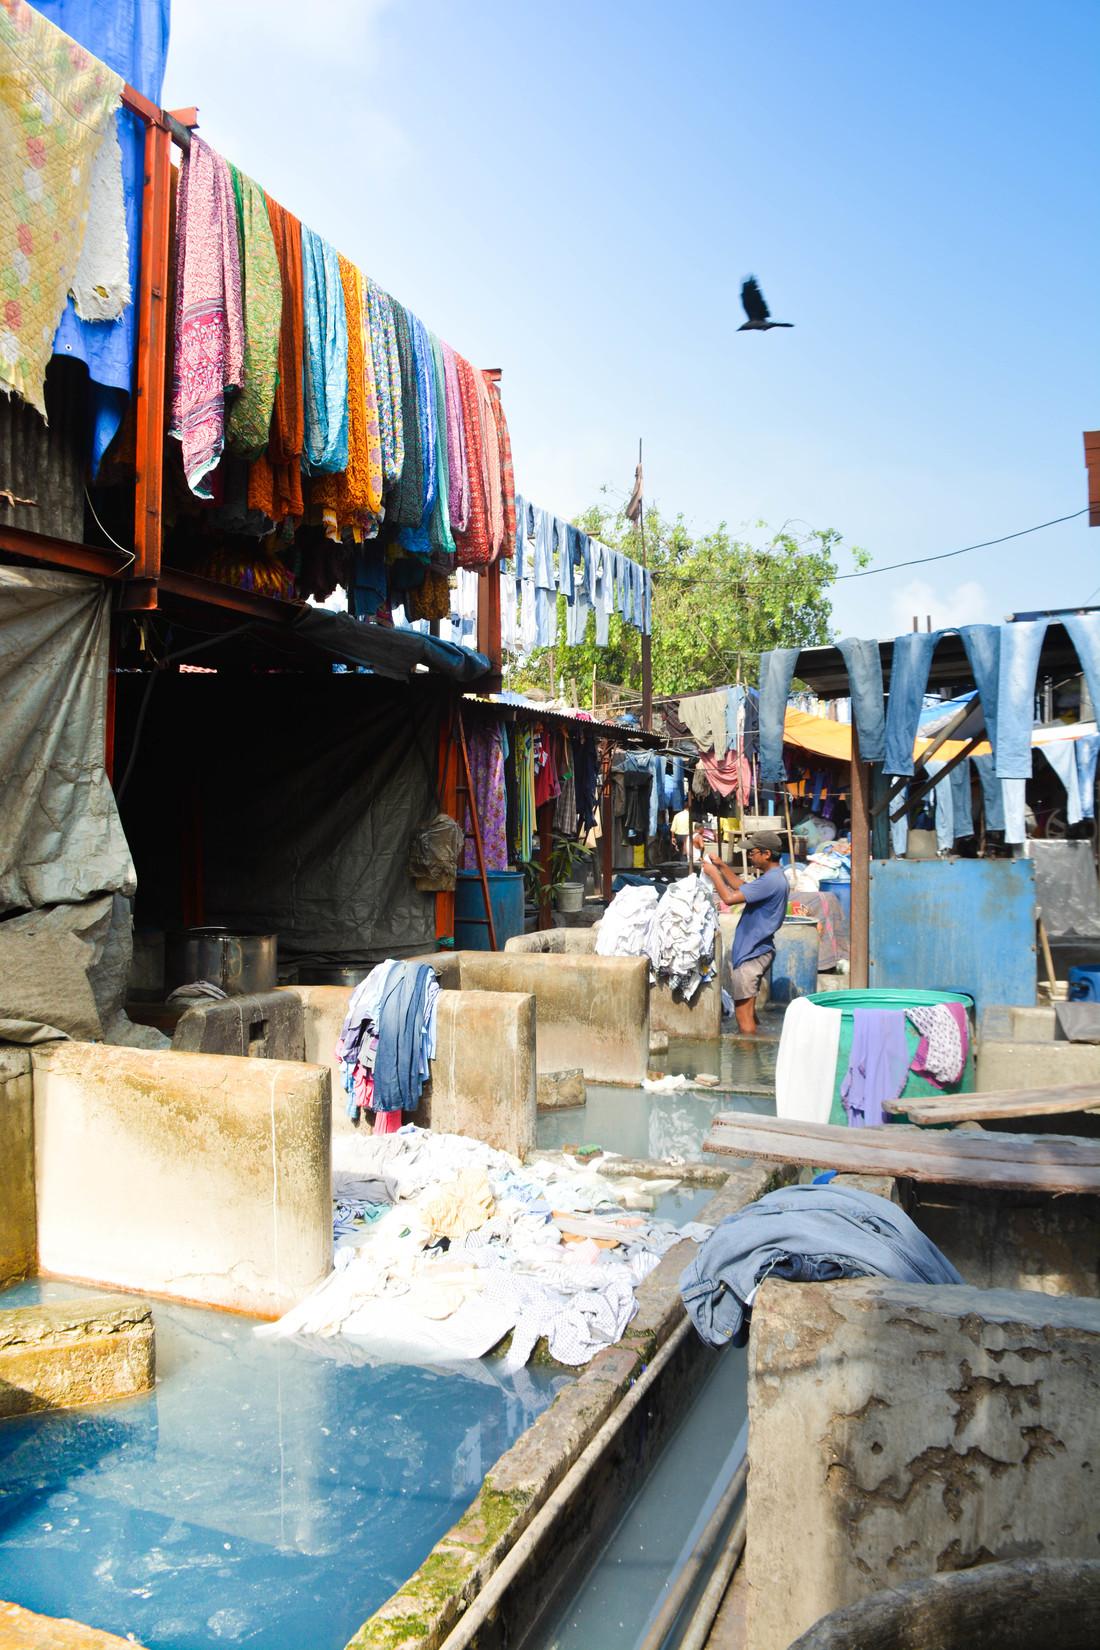 Mumbai Dhobi Ghat laundry